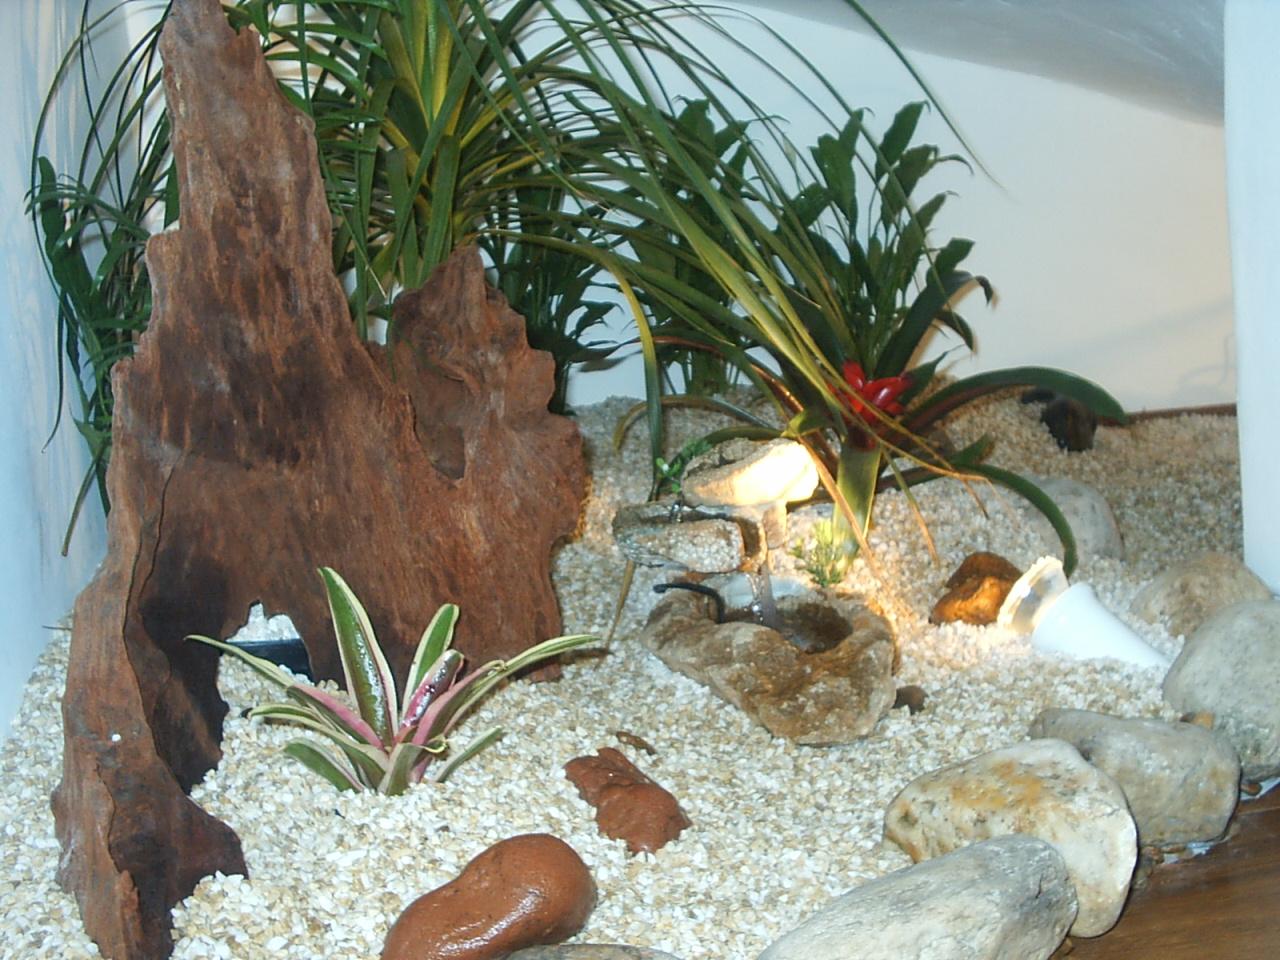 pedras jardins pequenos : pedras jardins pequenos:Decoração para jardim de inverno pequeno